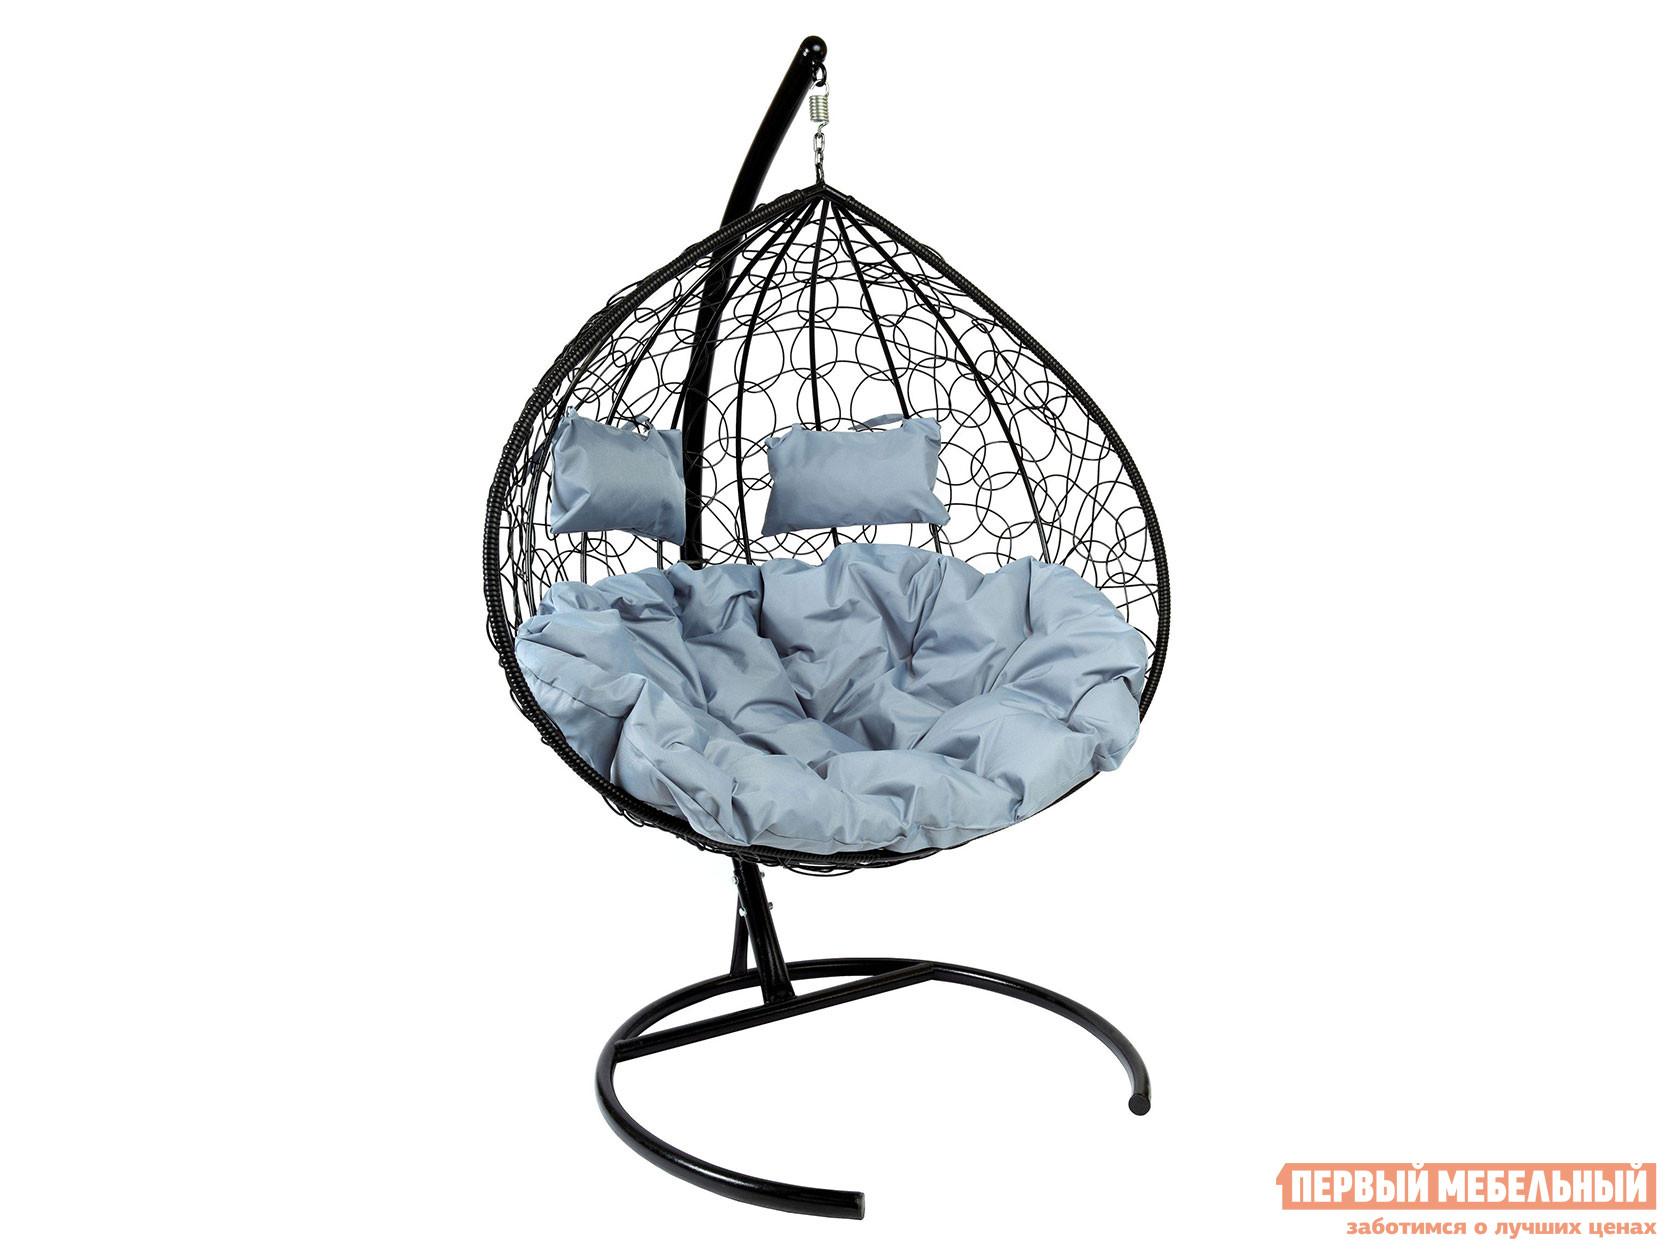 Подвесное кресло ЭкоДизайн Подвесное кресло Z-06